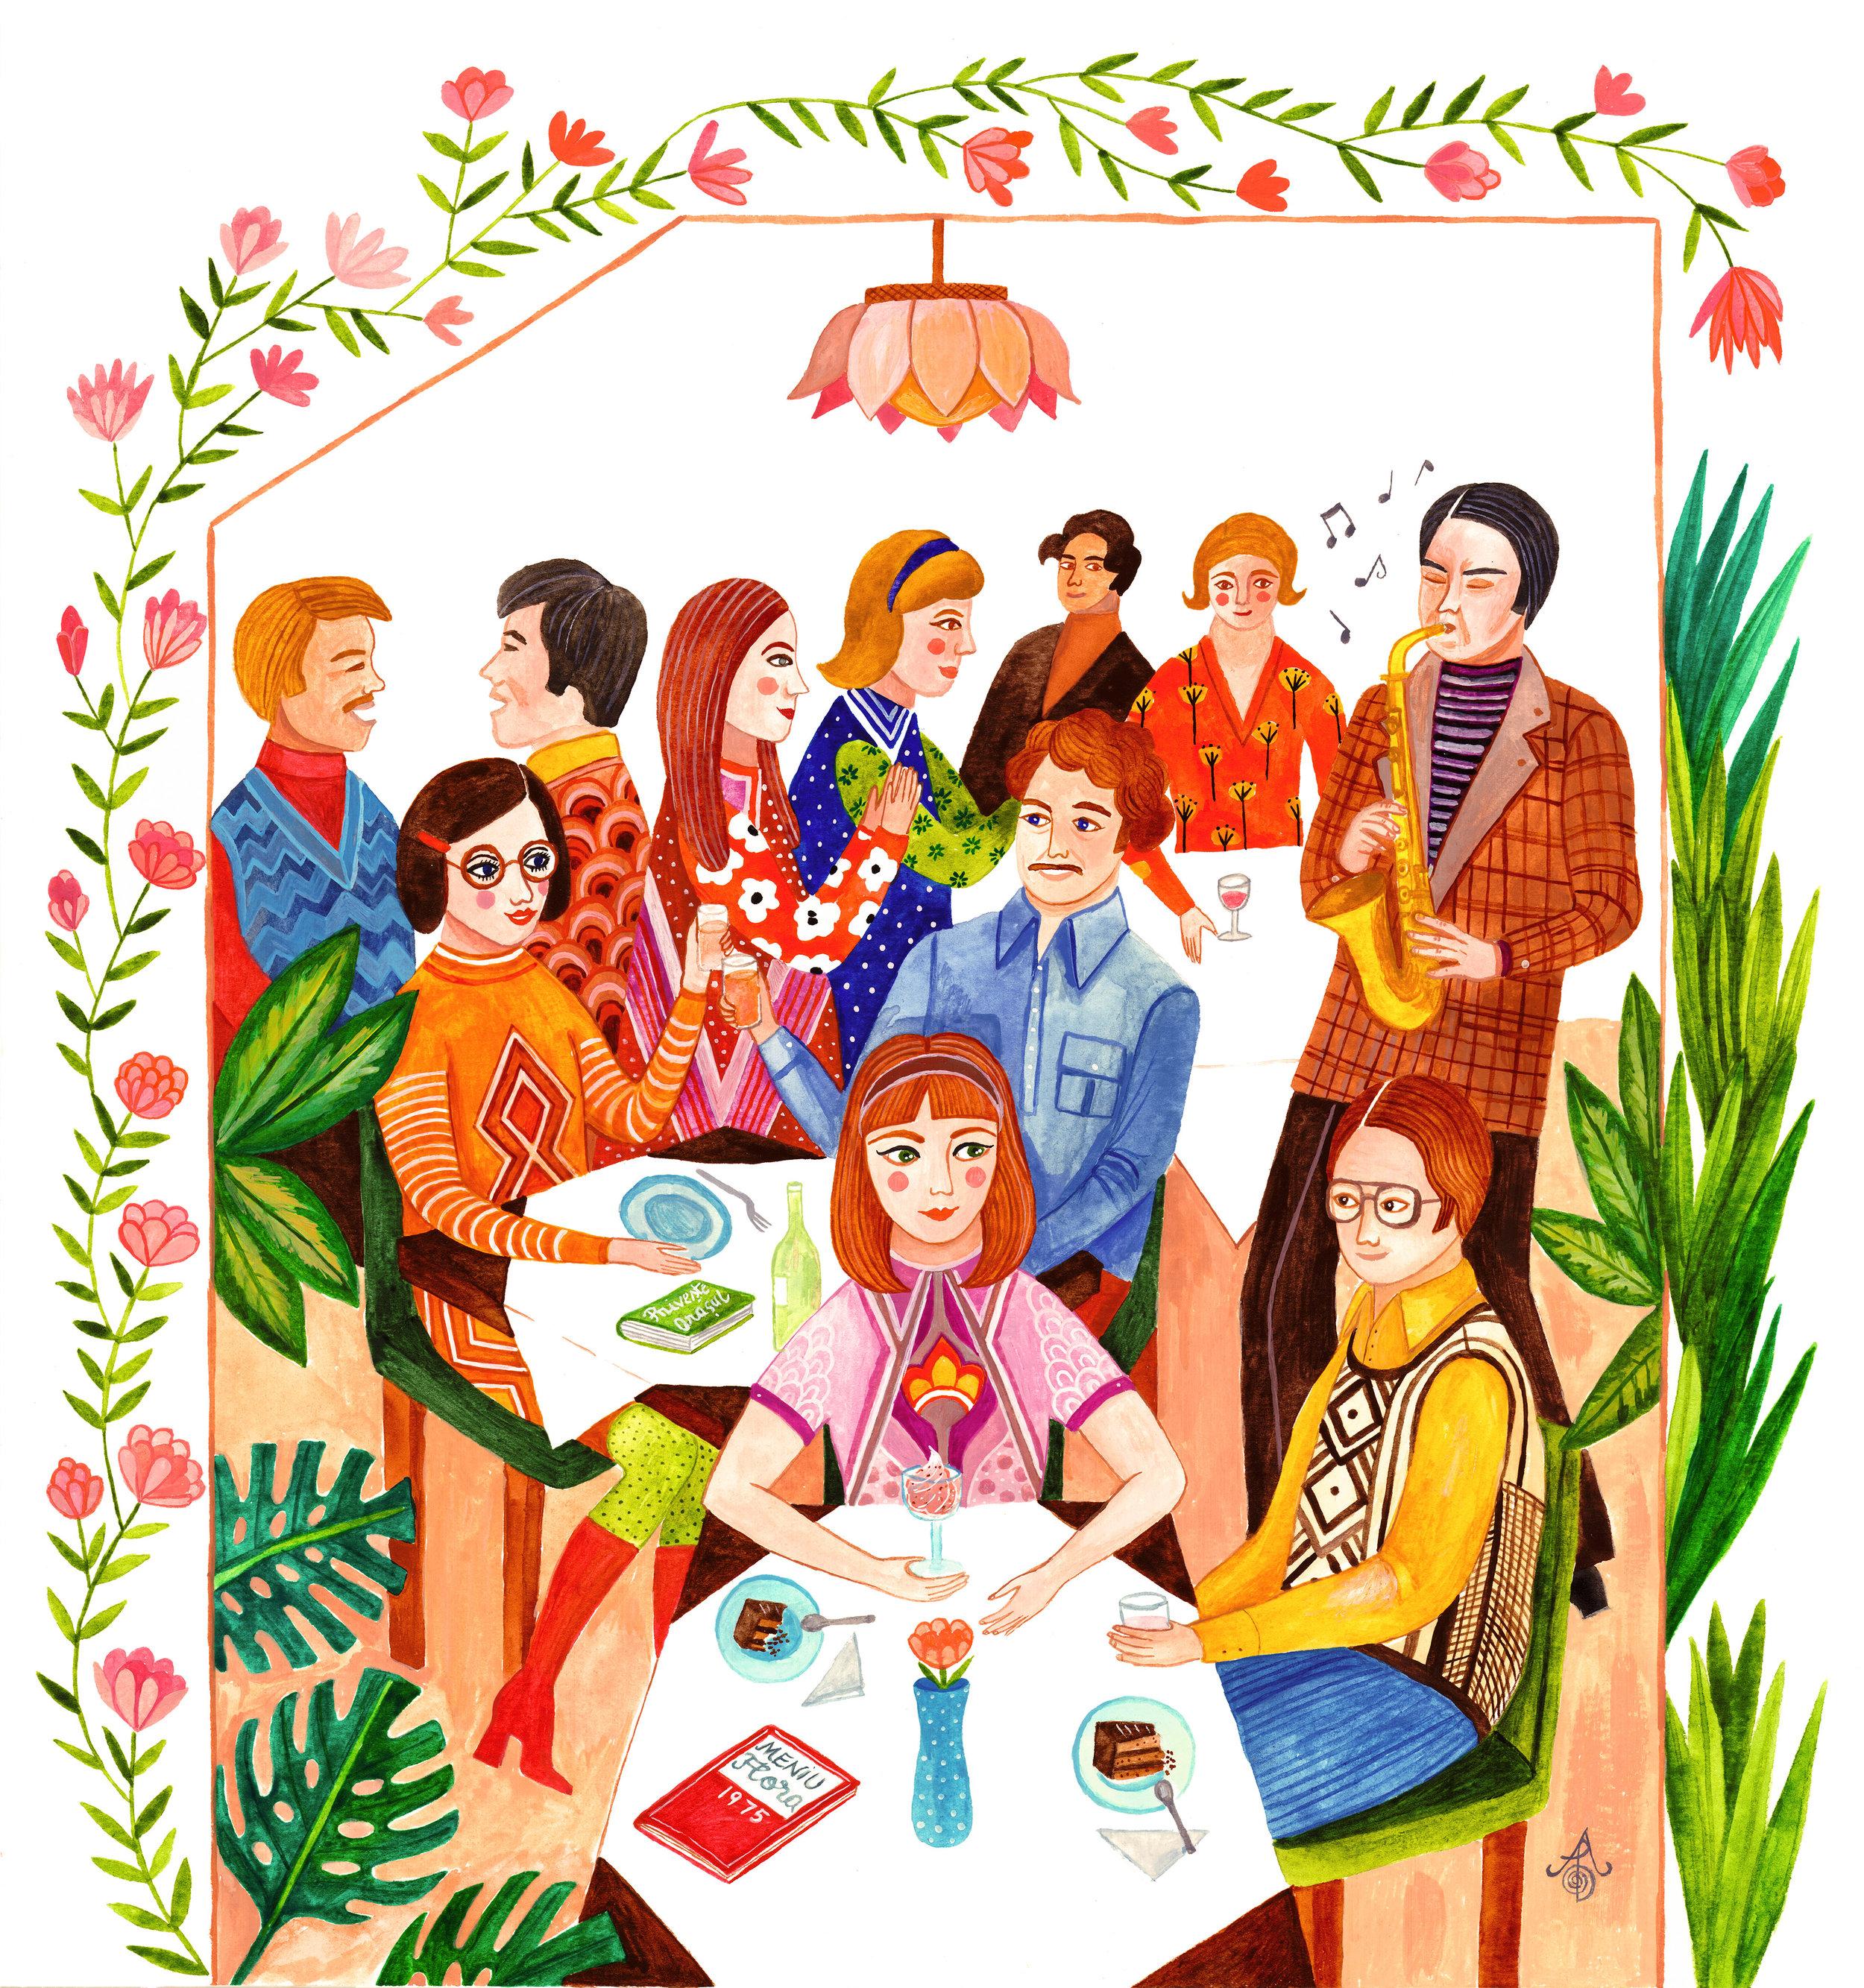 Ilustrație realizată de  Carine Arnakis